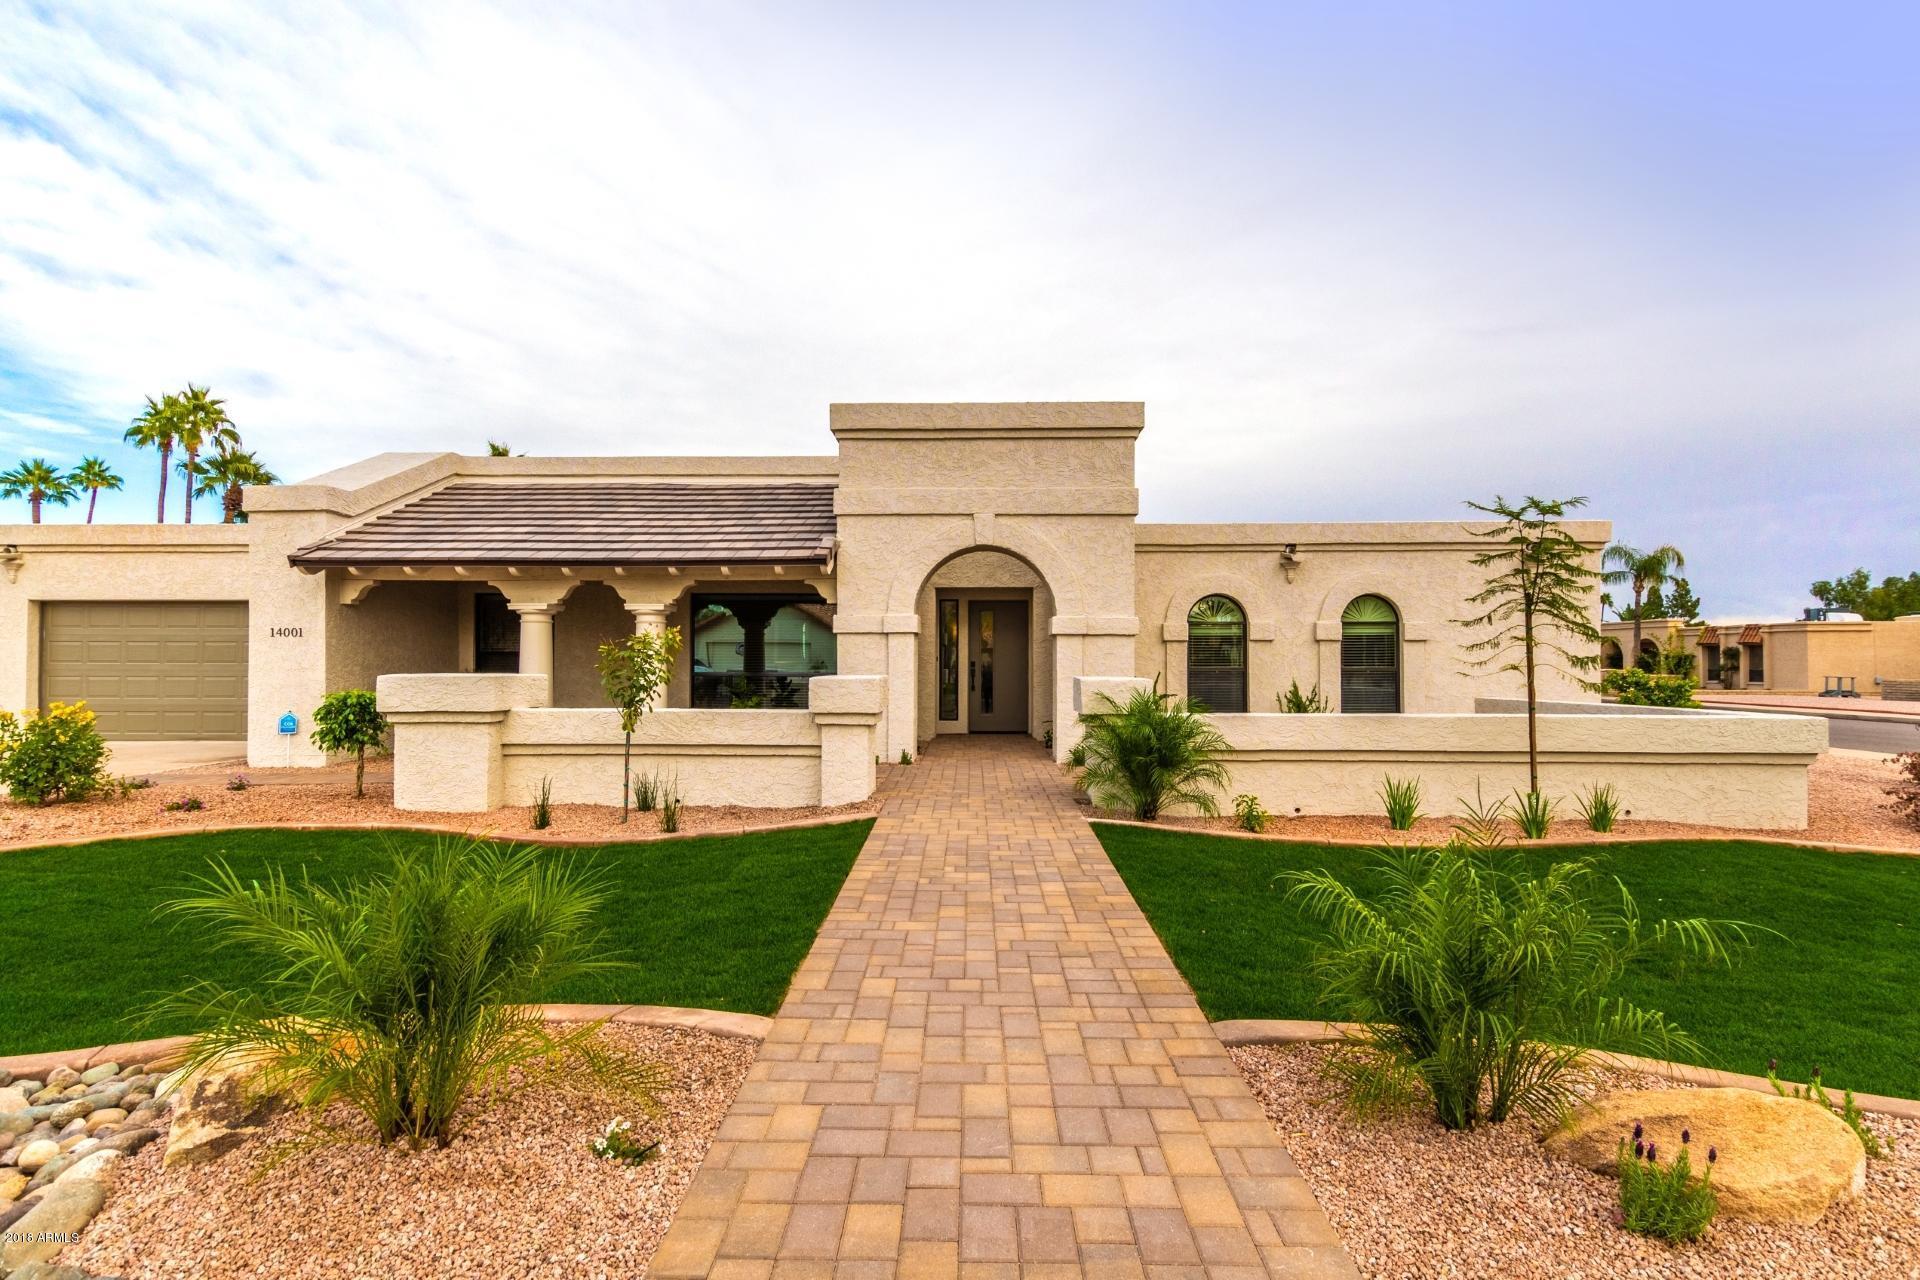 14001 N 48TH Place, Scottsdale AZ 85254